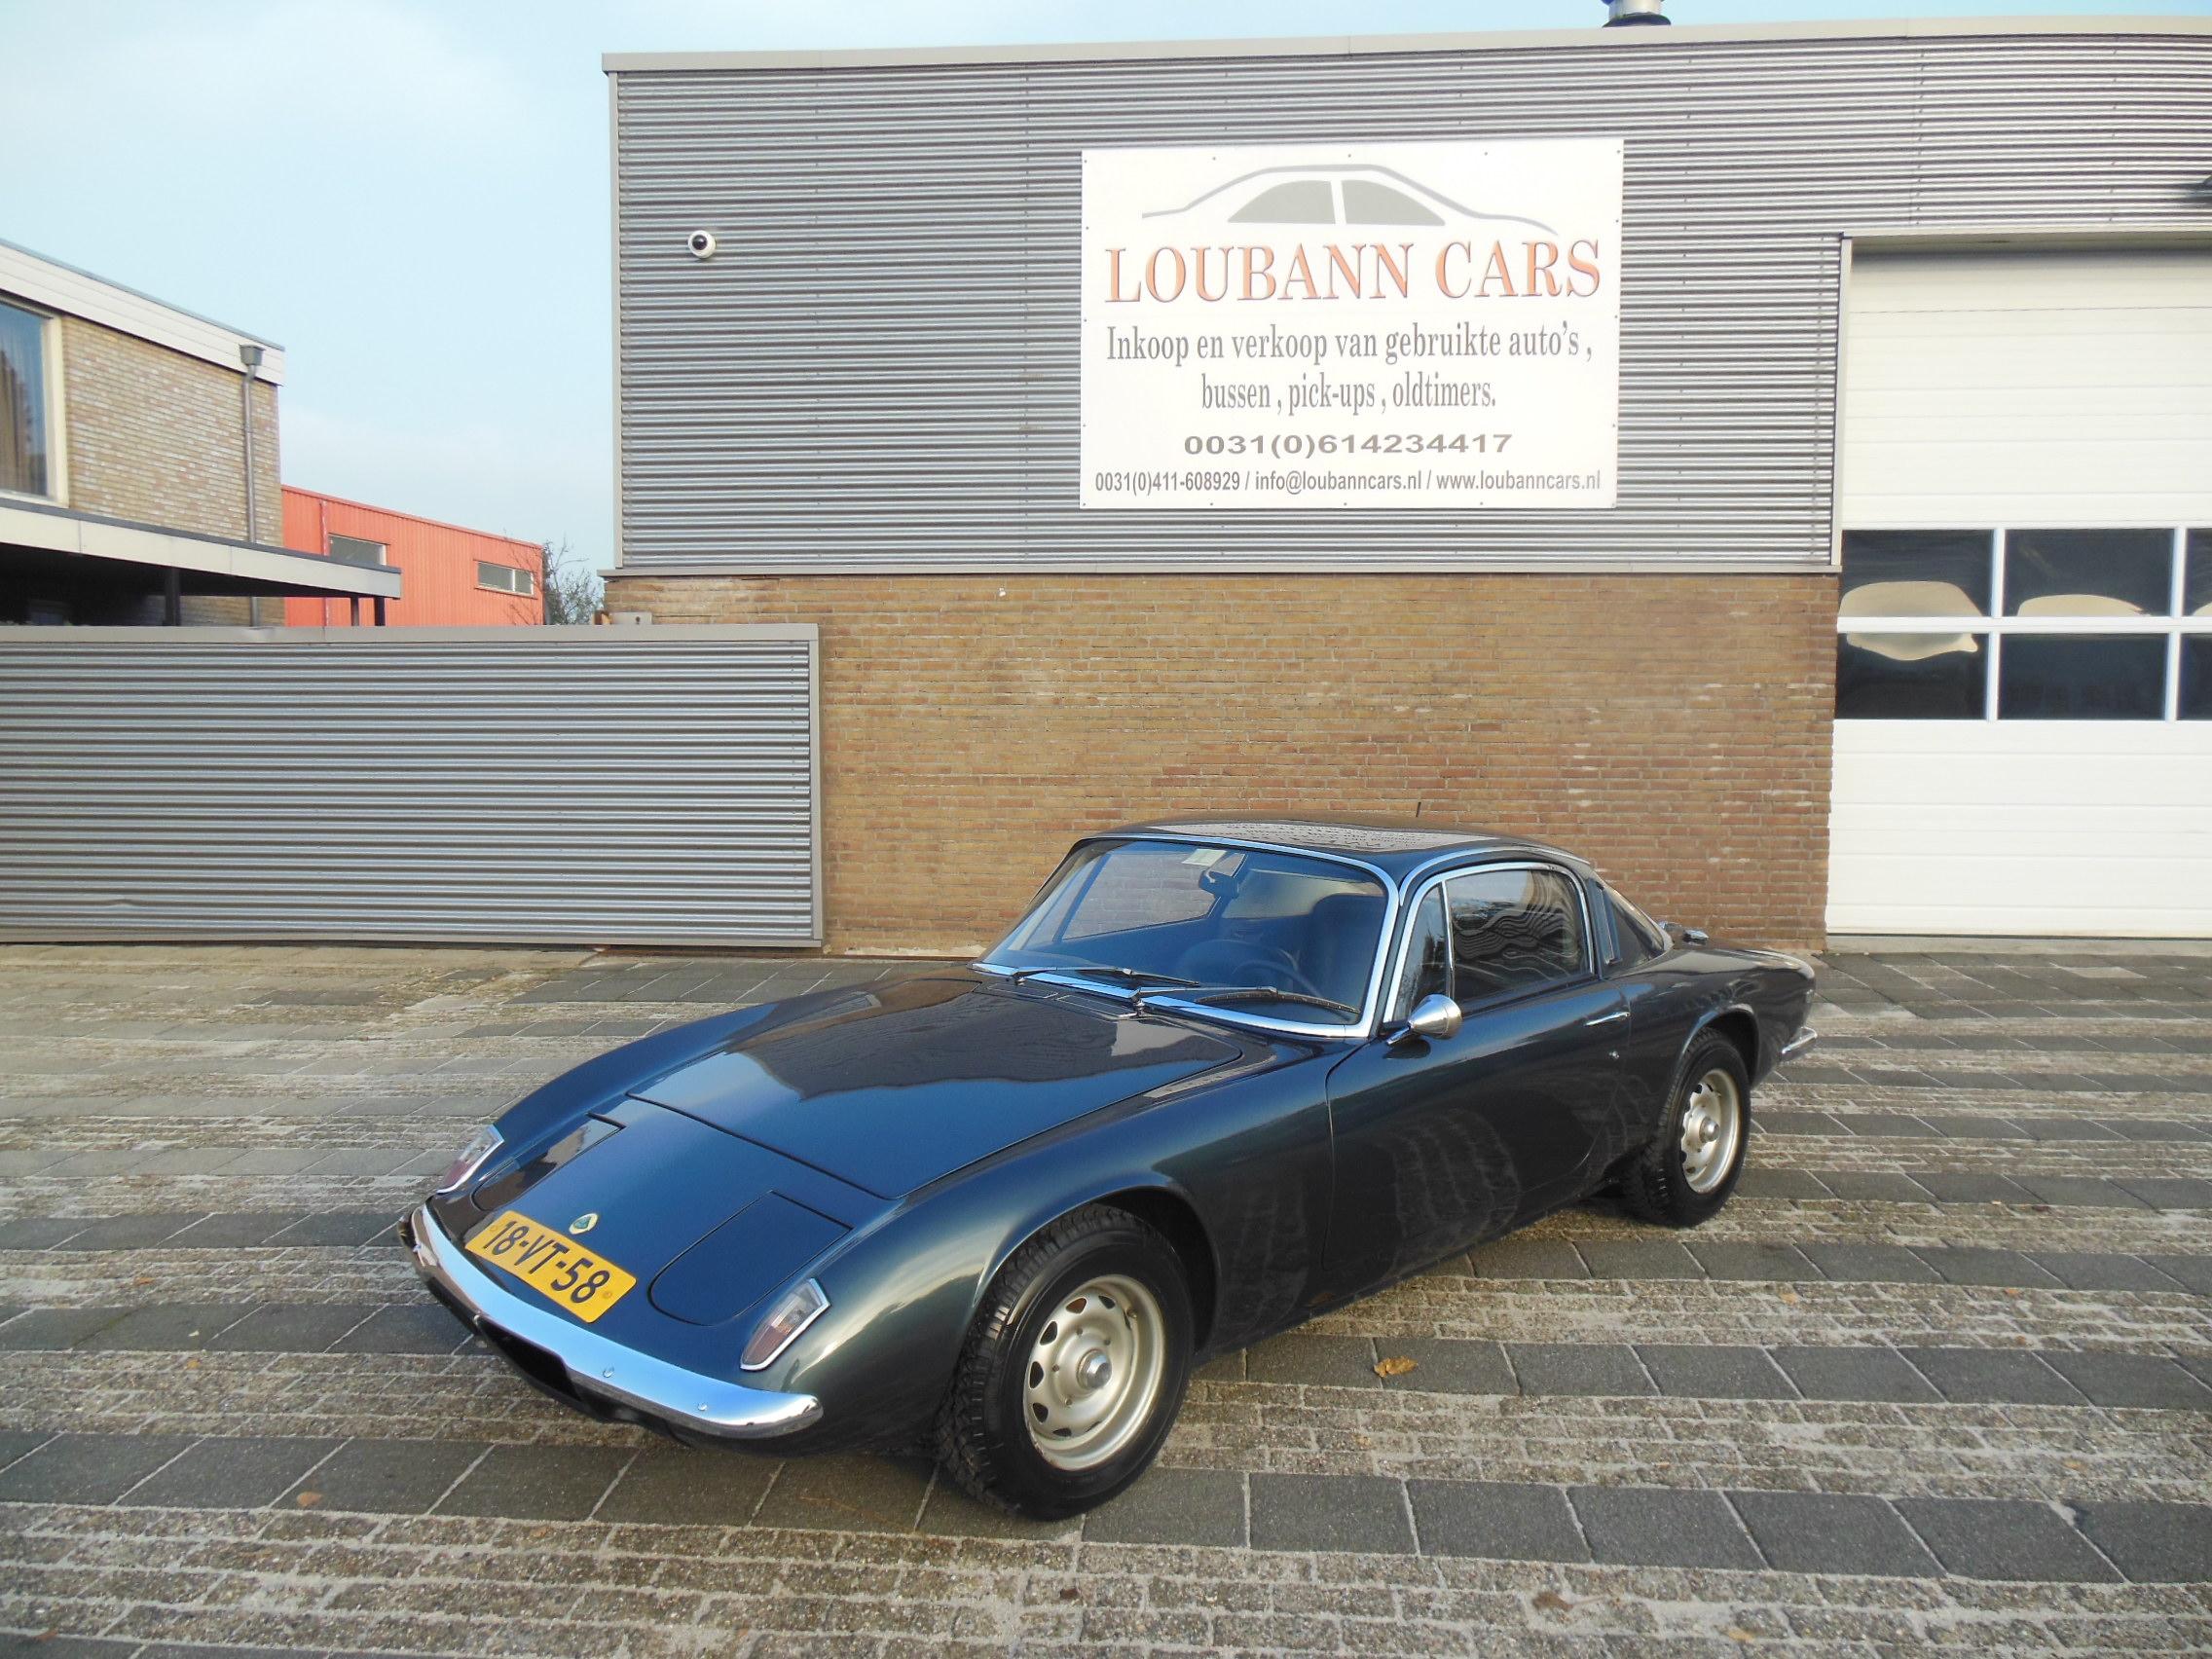 Lotus Elan 1.6 +2 S130 LHD 1969